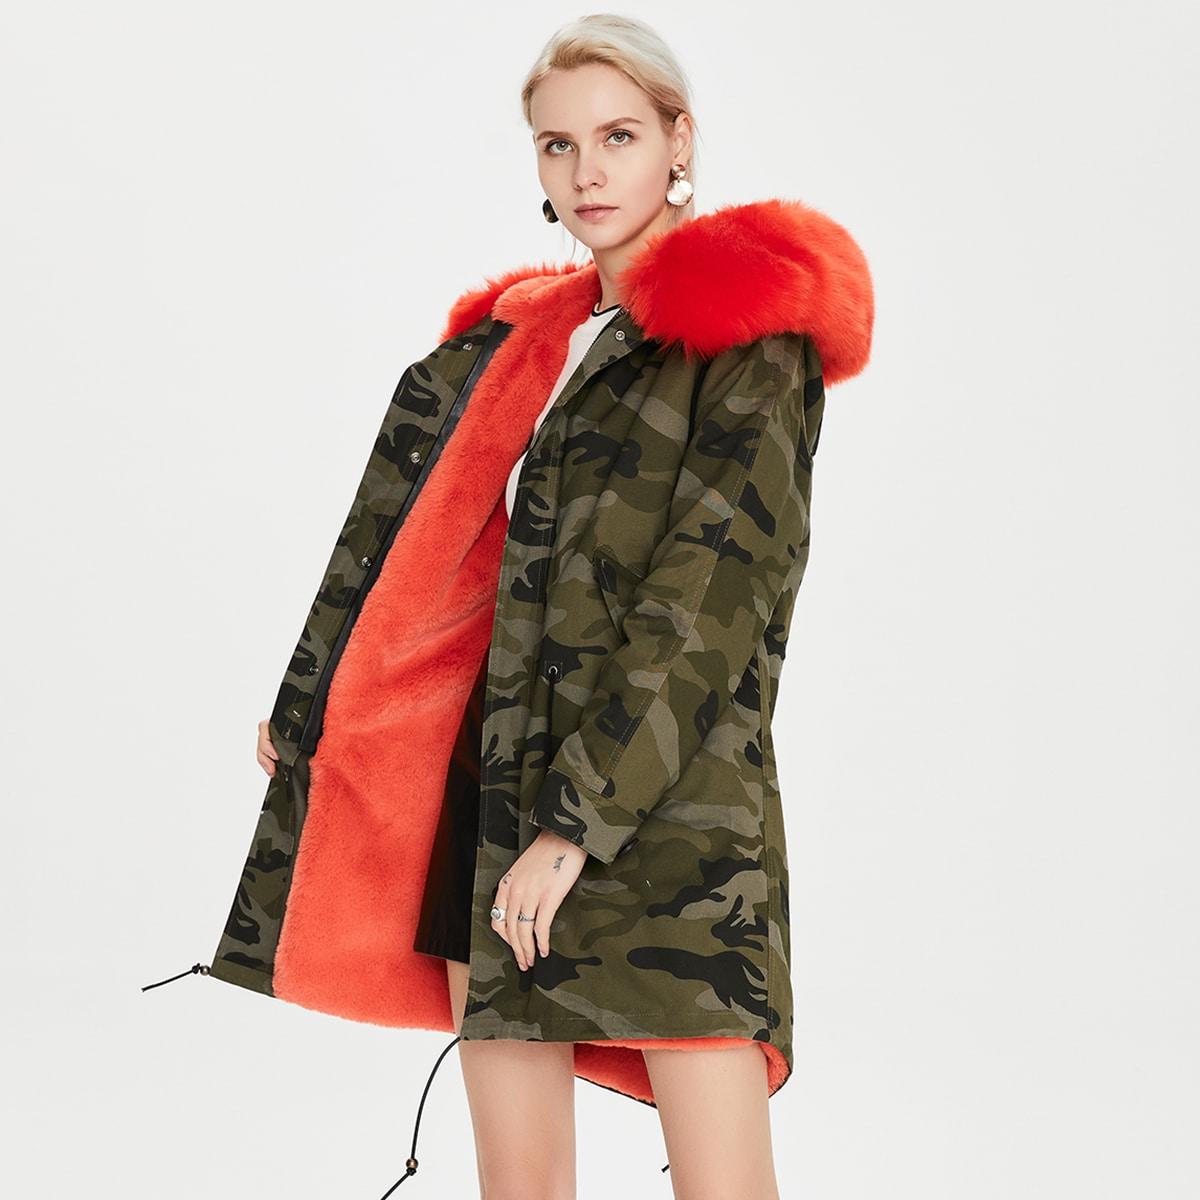 Mantel mit Kunstpelz, Camo Muster und Schnürung